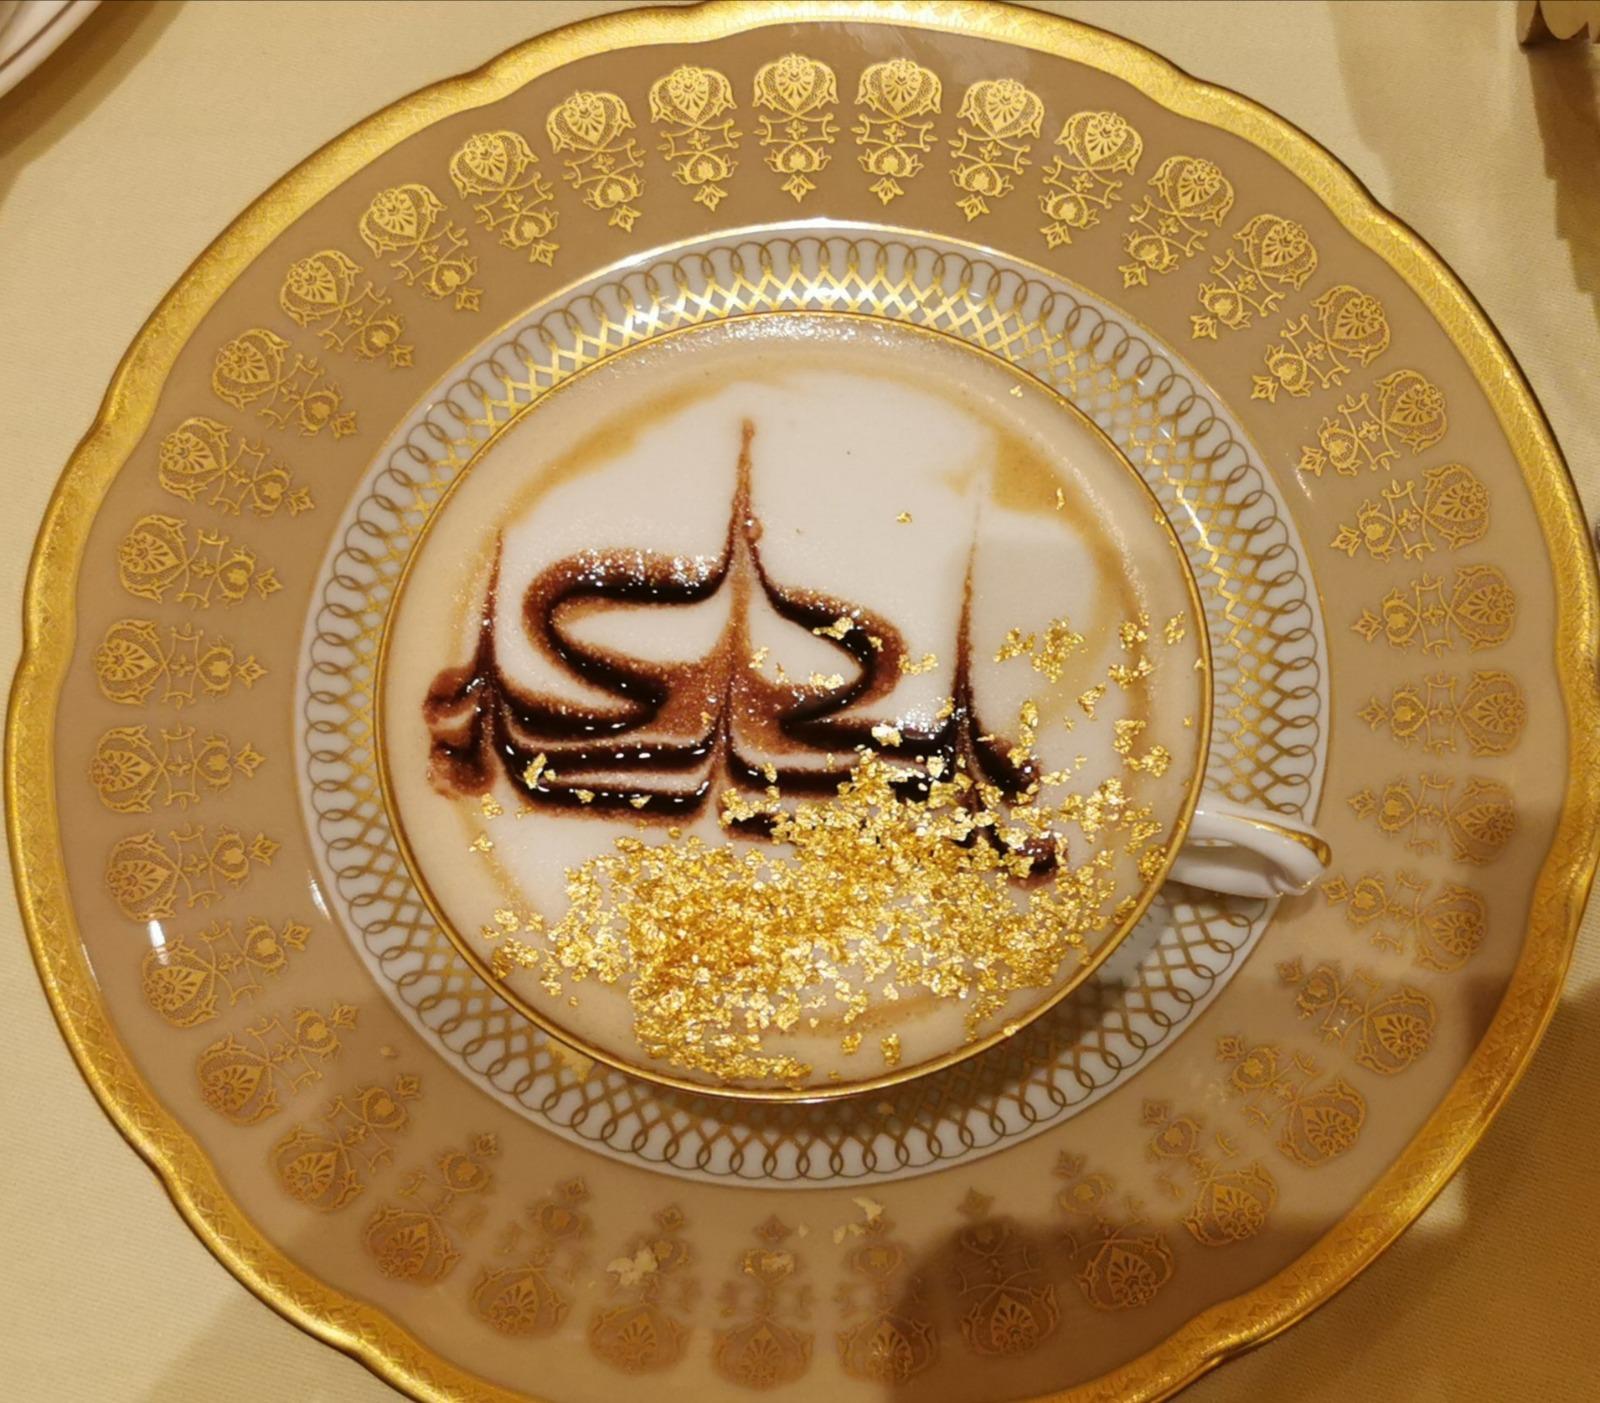 https://www.eberhardt-travel.de/reisebilder/reisetipp/wann-hat-man-schon-mal-die-gelegenheit-echtes-gold-zu-trinken-in-abu-dhabi-im-emirates-palace-hotel-kein-problem-/original/1888580